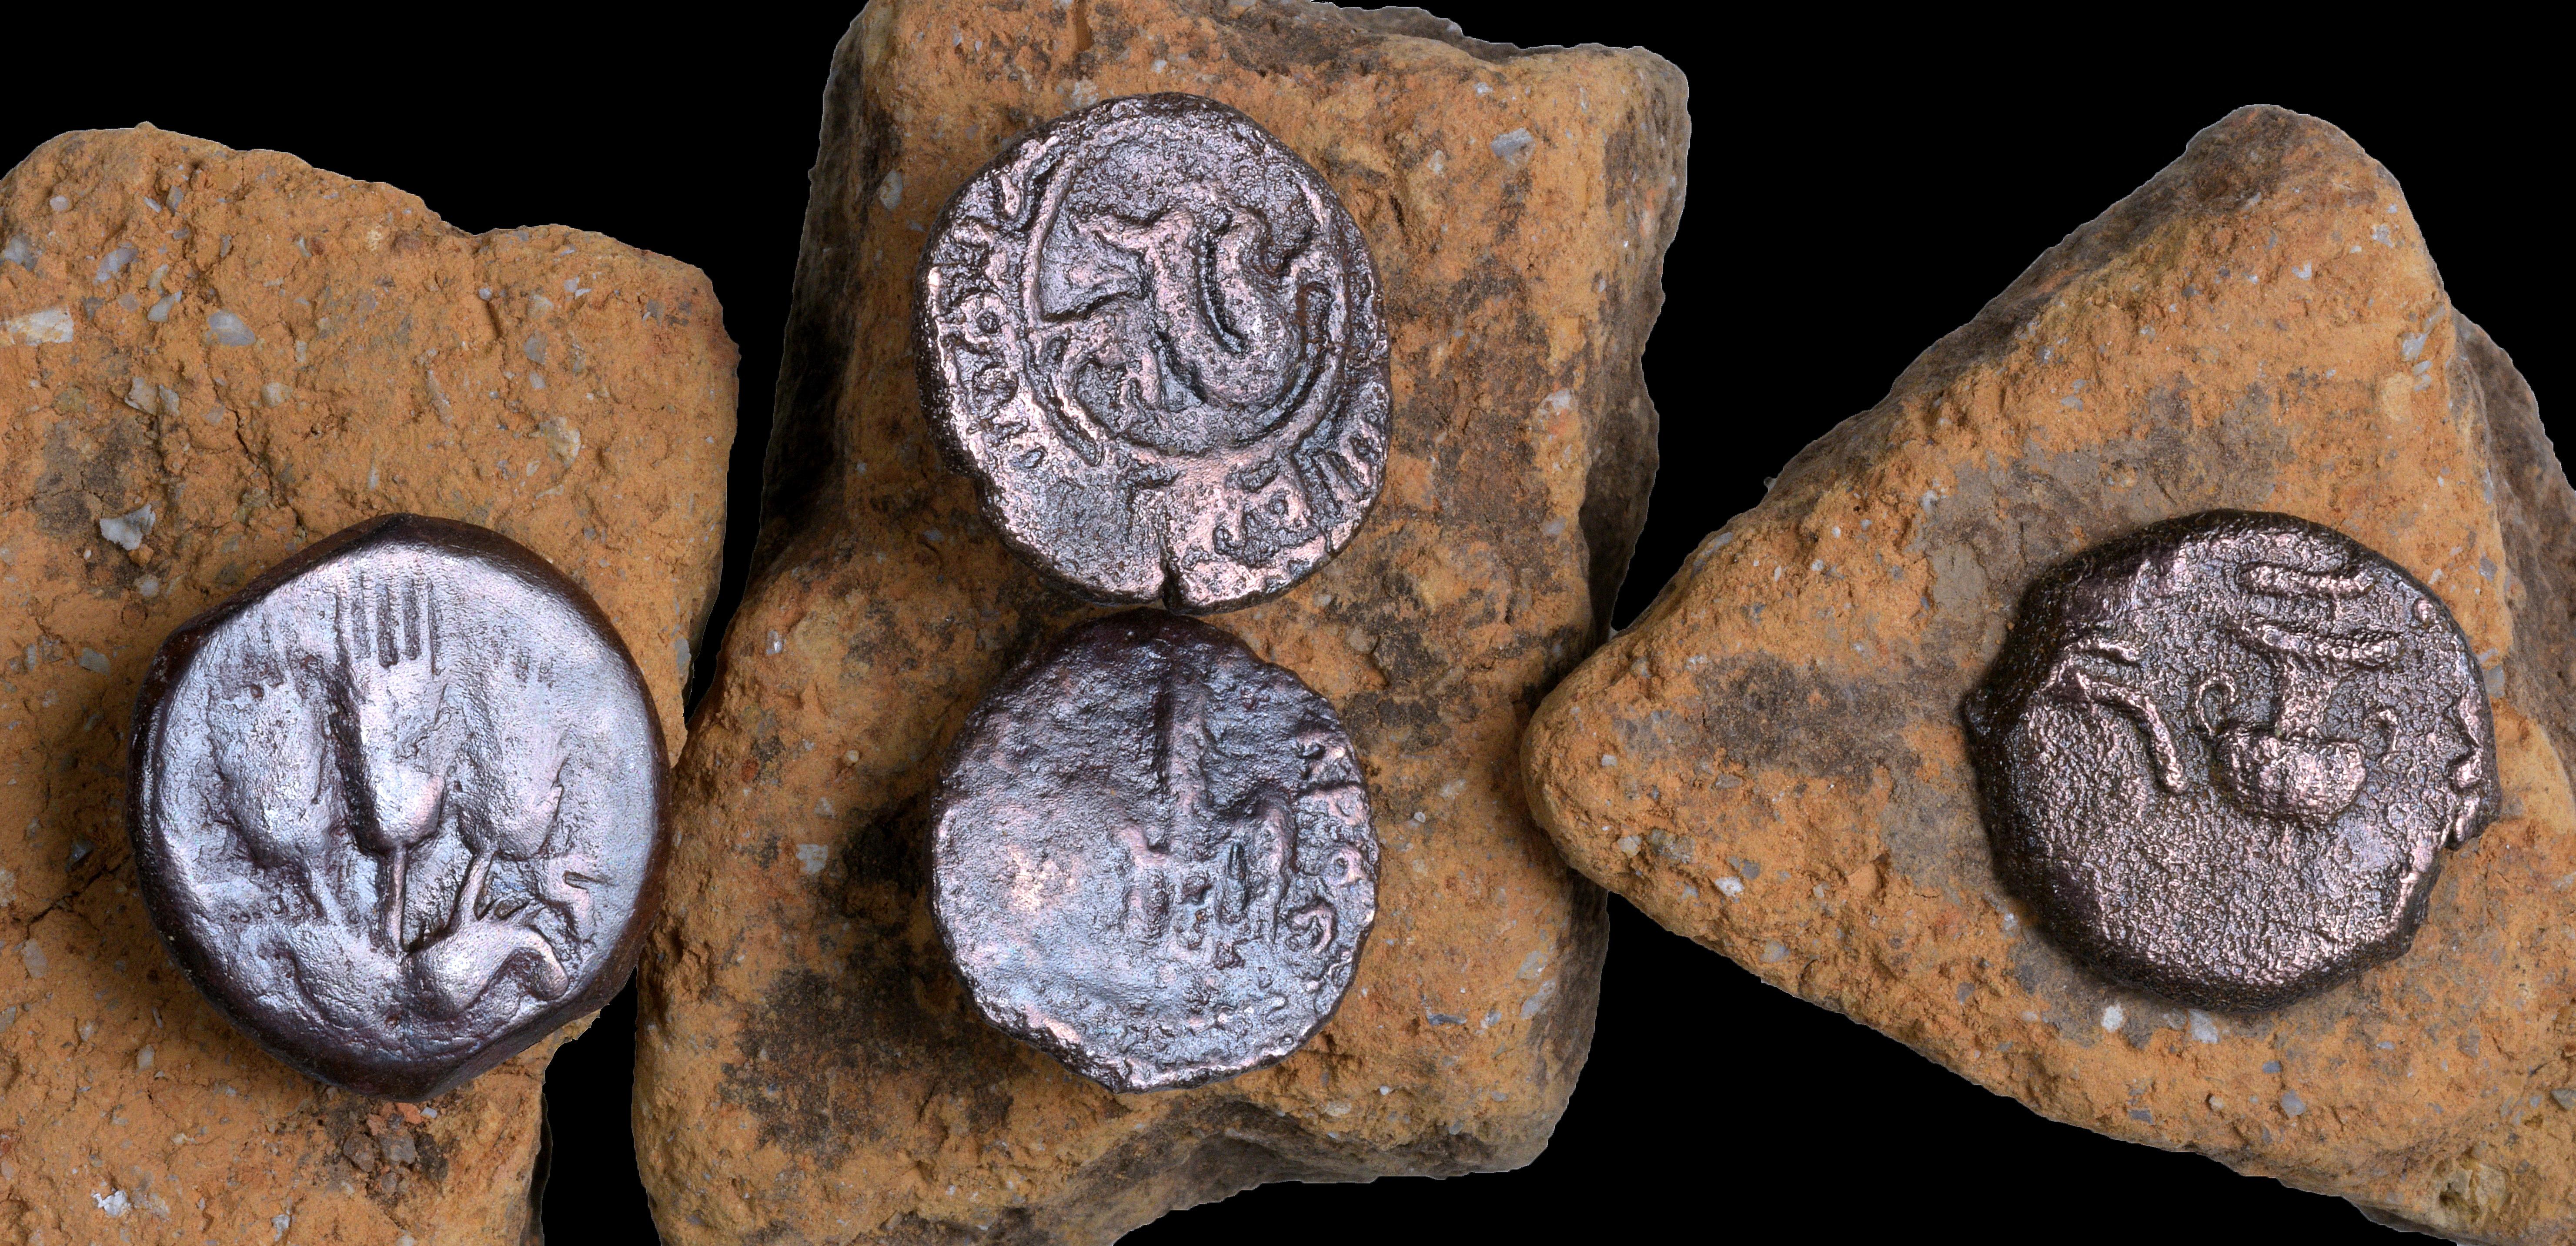 המטבעות העתיקים שנחשפו בחפירה. צילום: קלרה עמית